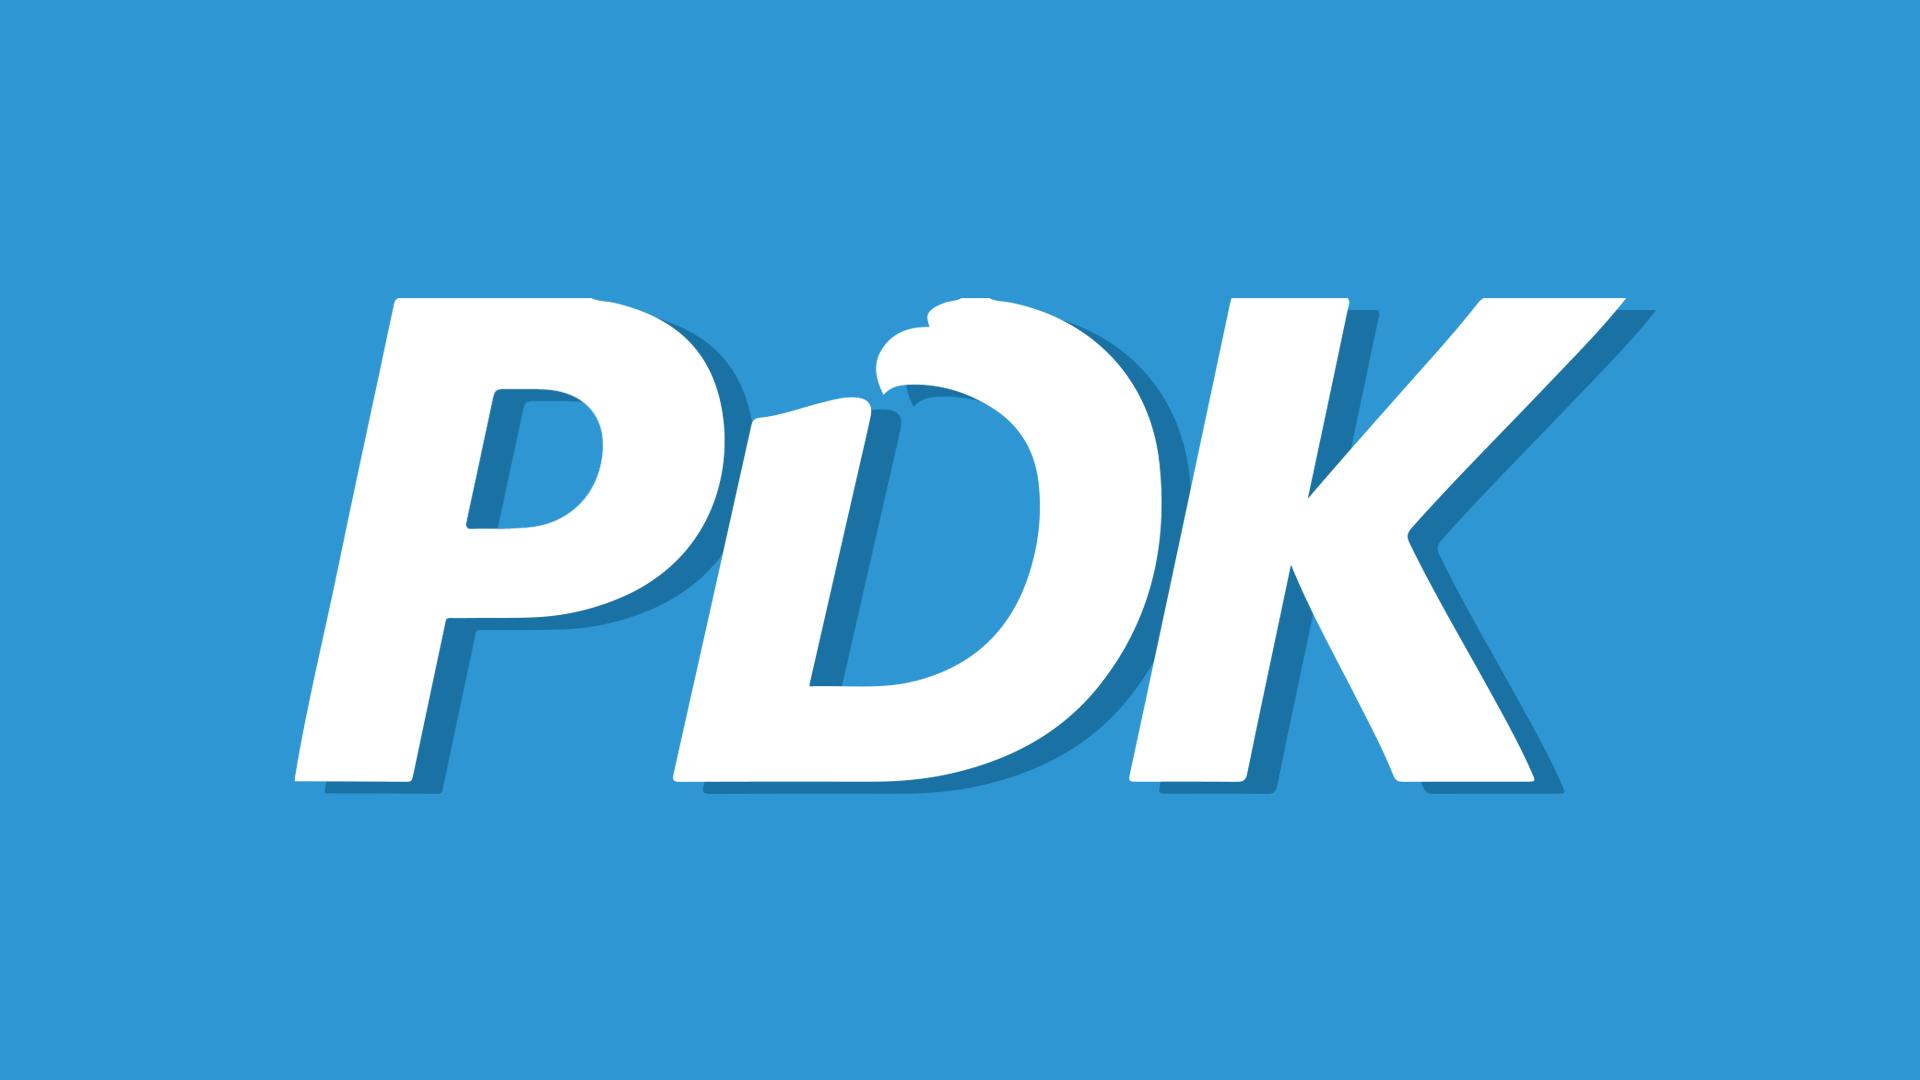 PDK-ja s'ka alternativë tjetër pos zgjedhjeve